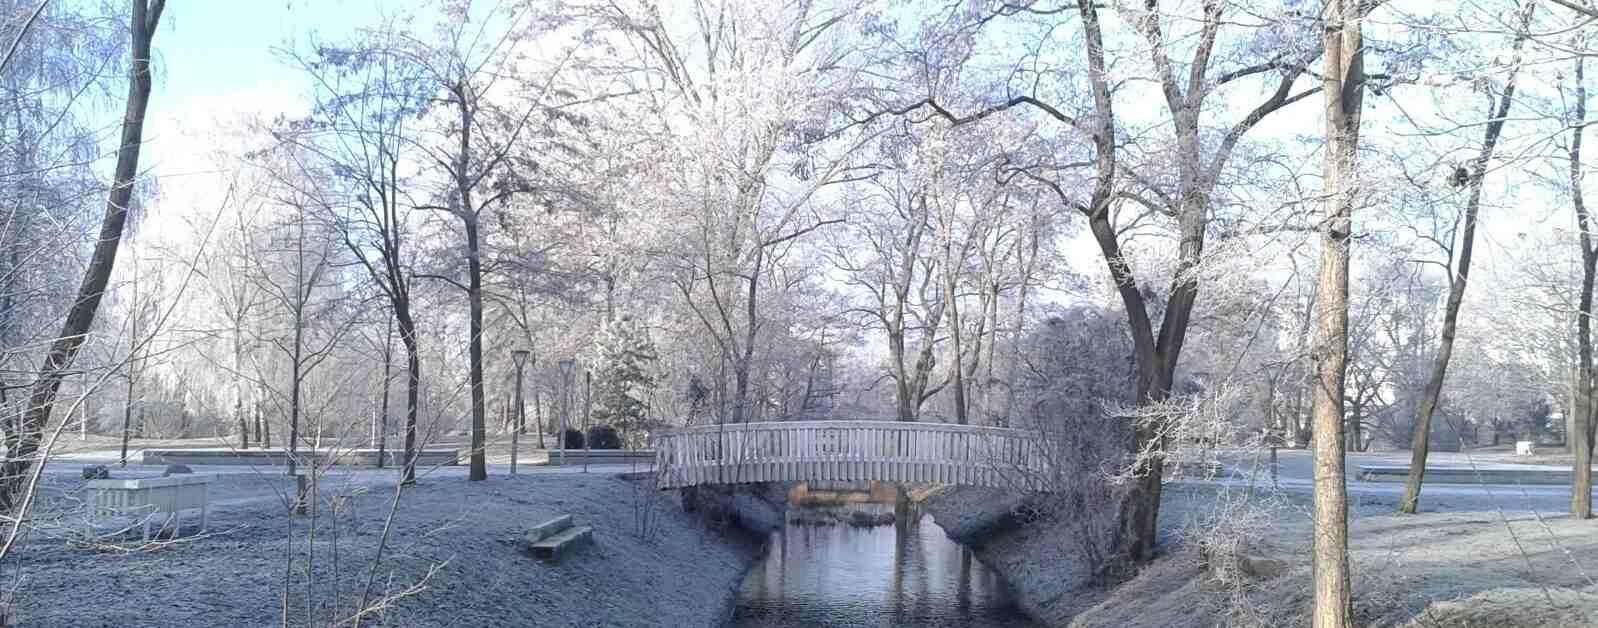 Die KlimaWerkstatt wünscht allen eine schöne Weihnachtszeit und gutes Neues Jahr